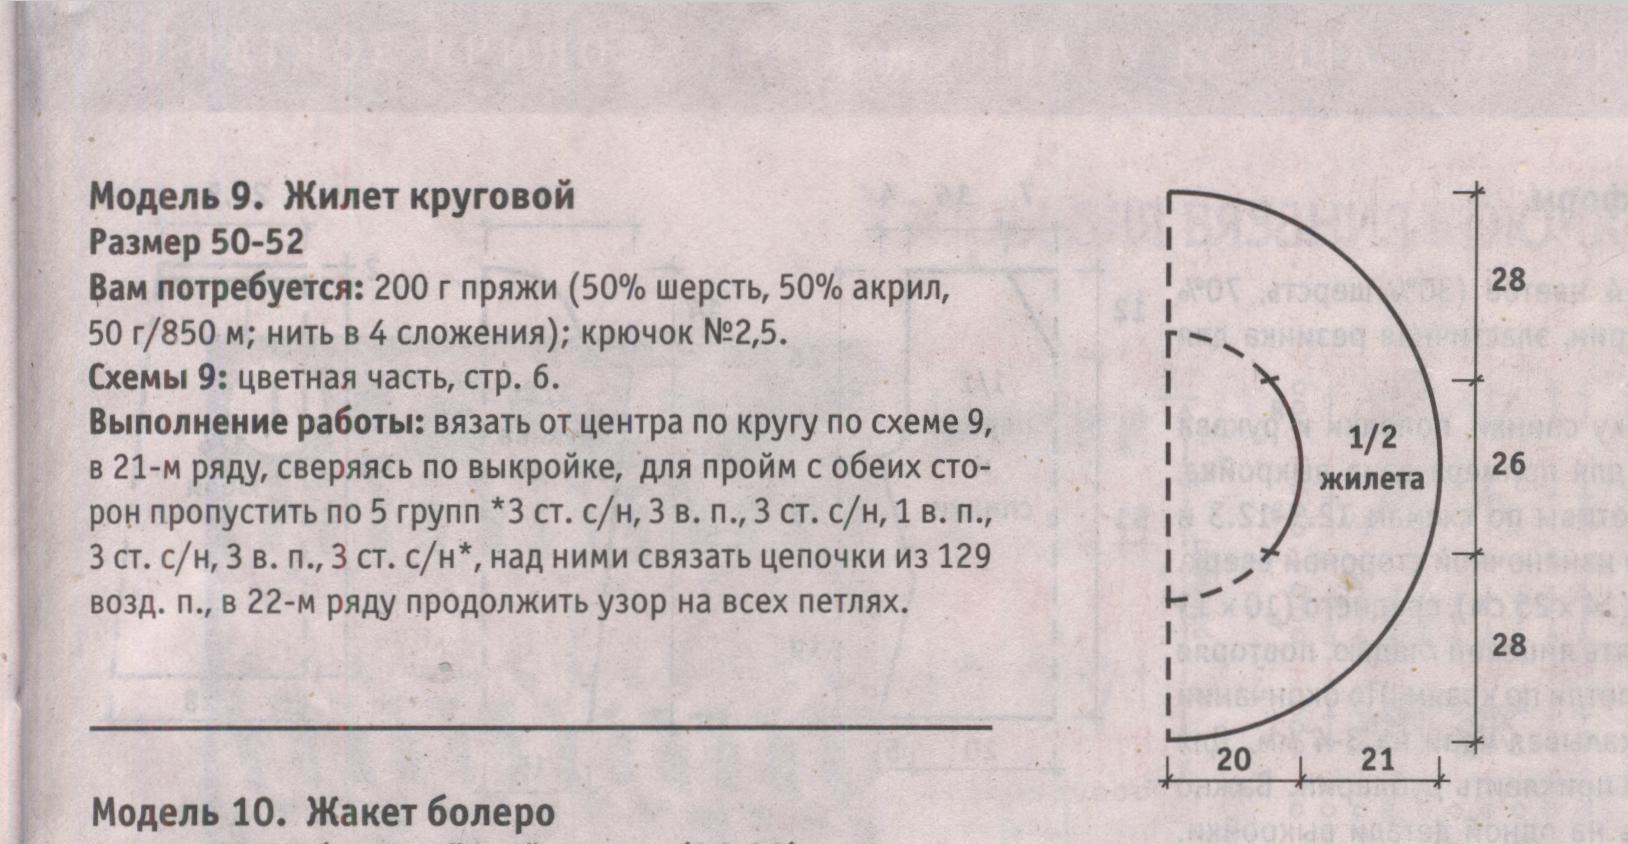 0491_Ксюша № 3 2013 (5)